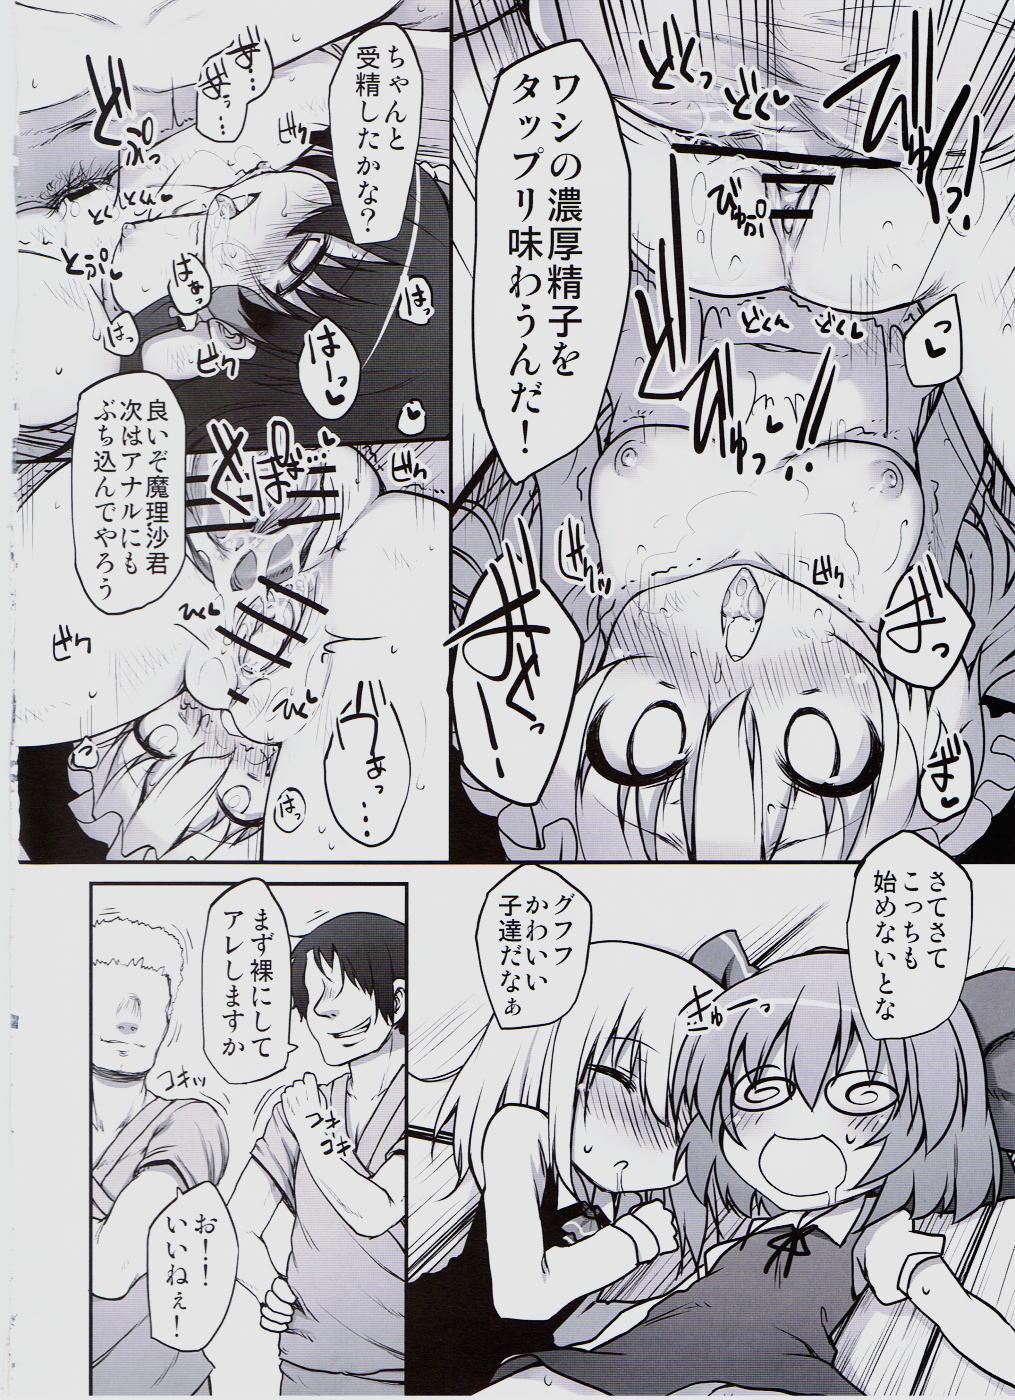 Gensoukyou no Utage 8